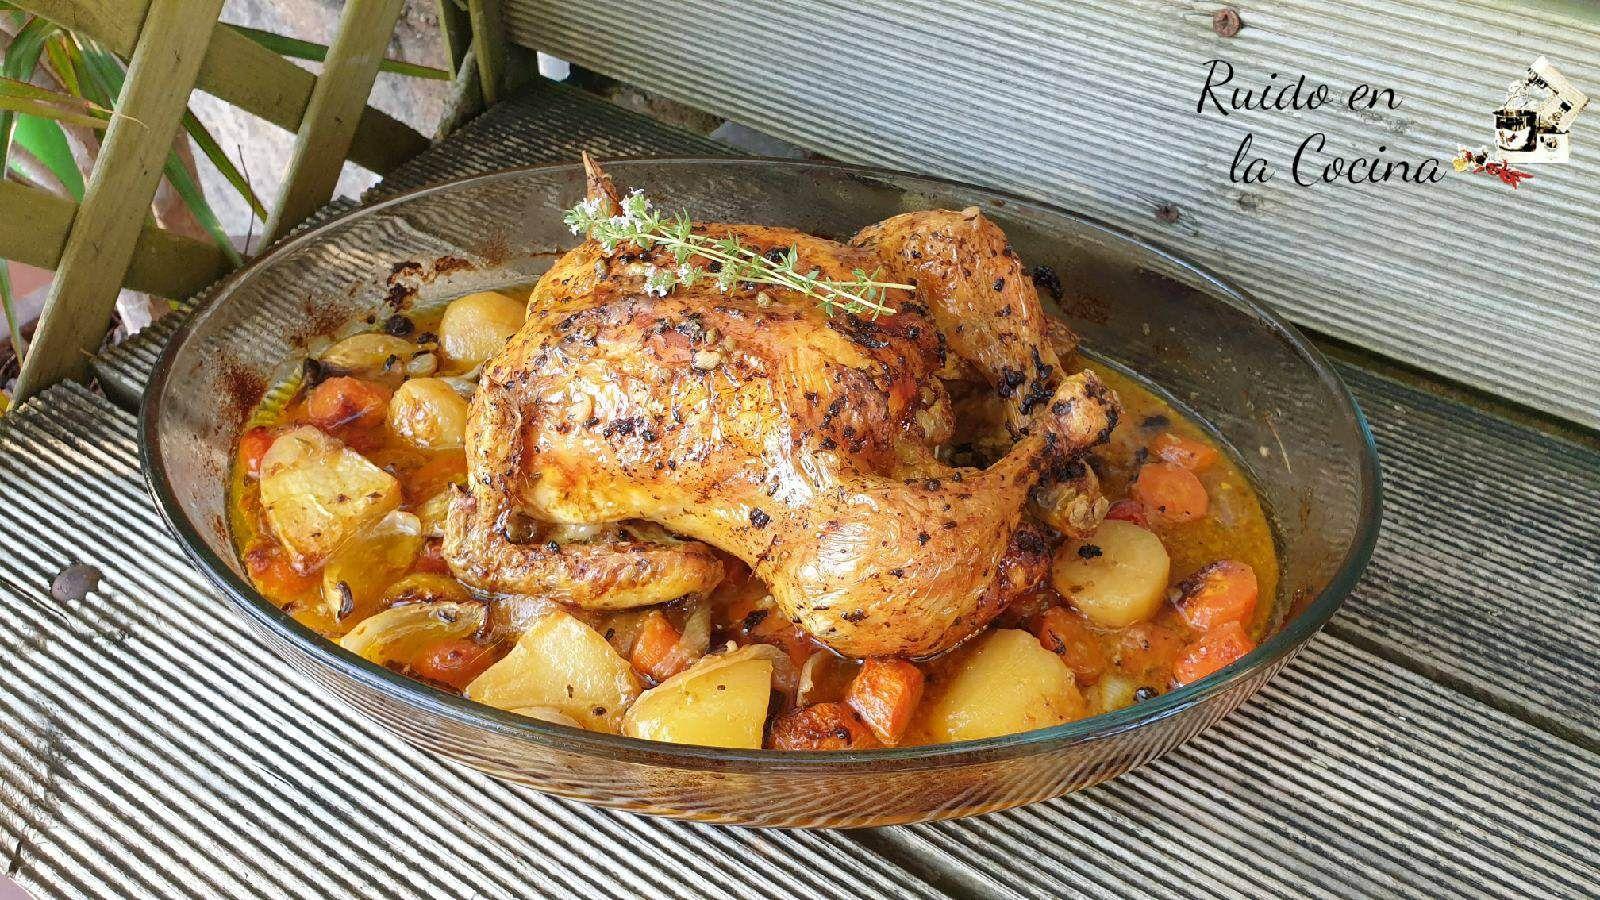 Pollo Asado Al Horno Con Guarnición Ruido En La Cocina Receta Pollo Asado Horno Asado Guarniciones